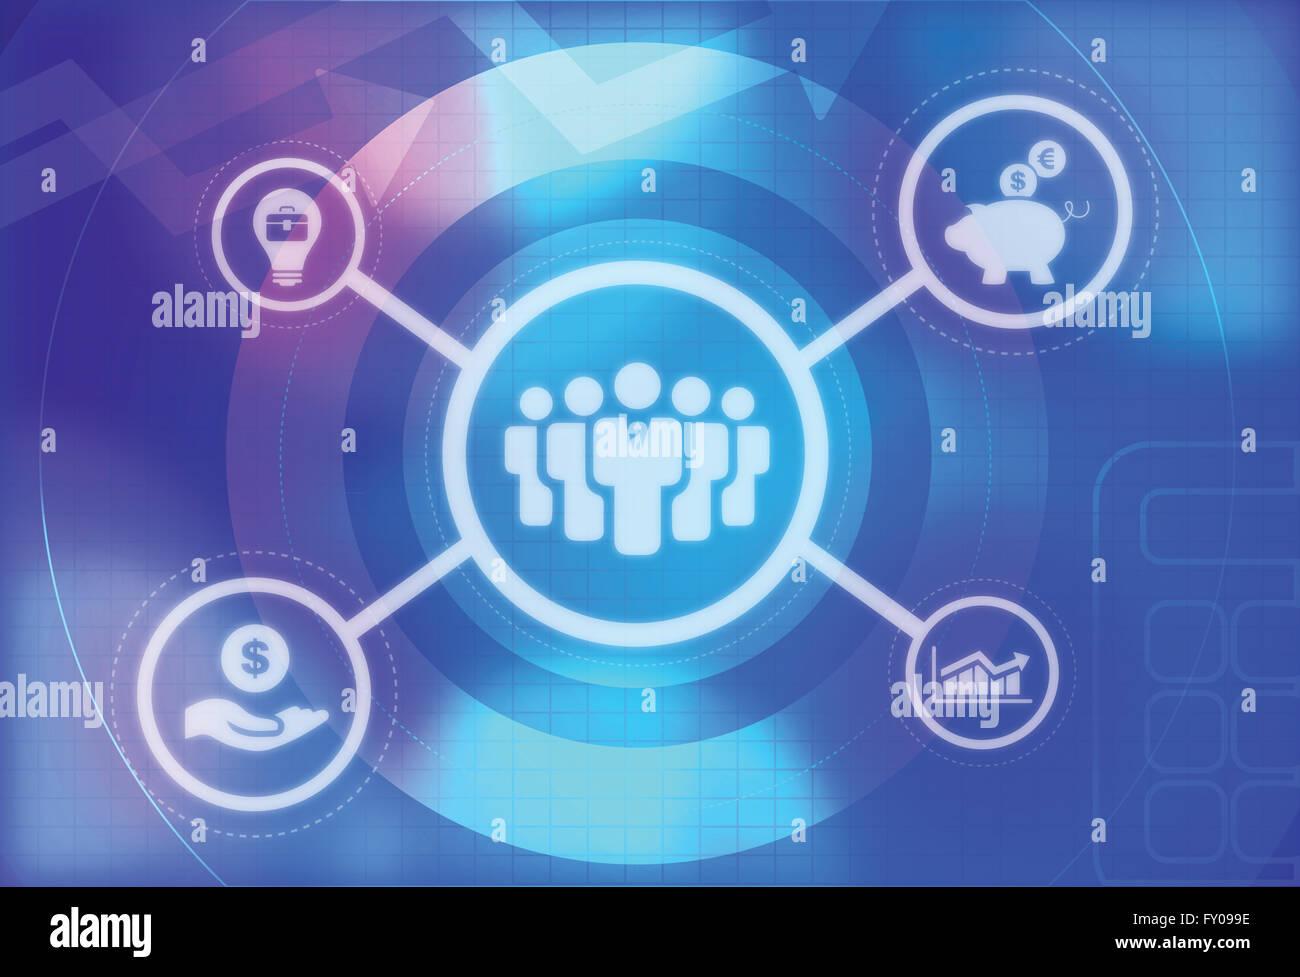 Ilustración de iconos de negocios. Los líderes empresariales y gráfico. Alcancía con signo de Imagen De Stock